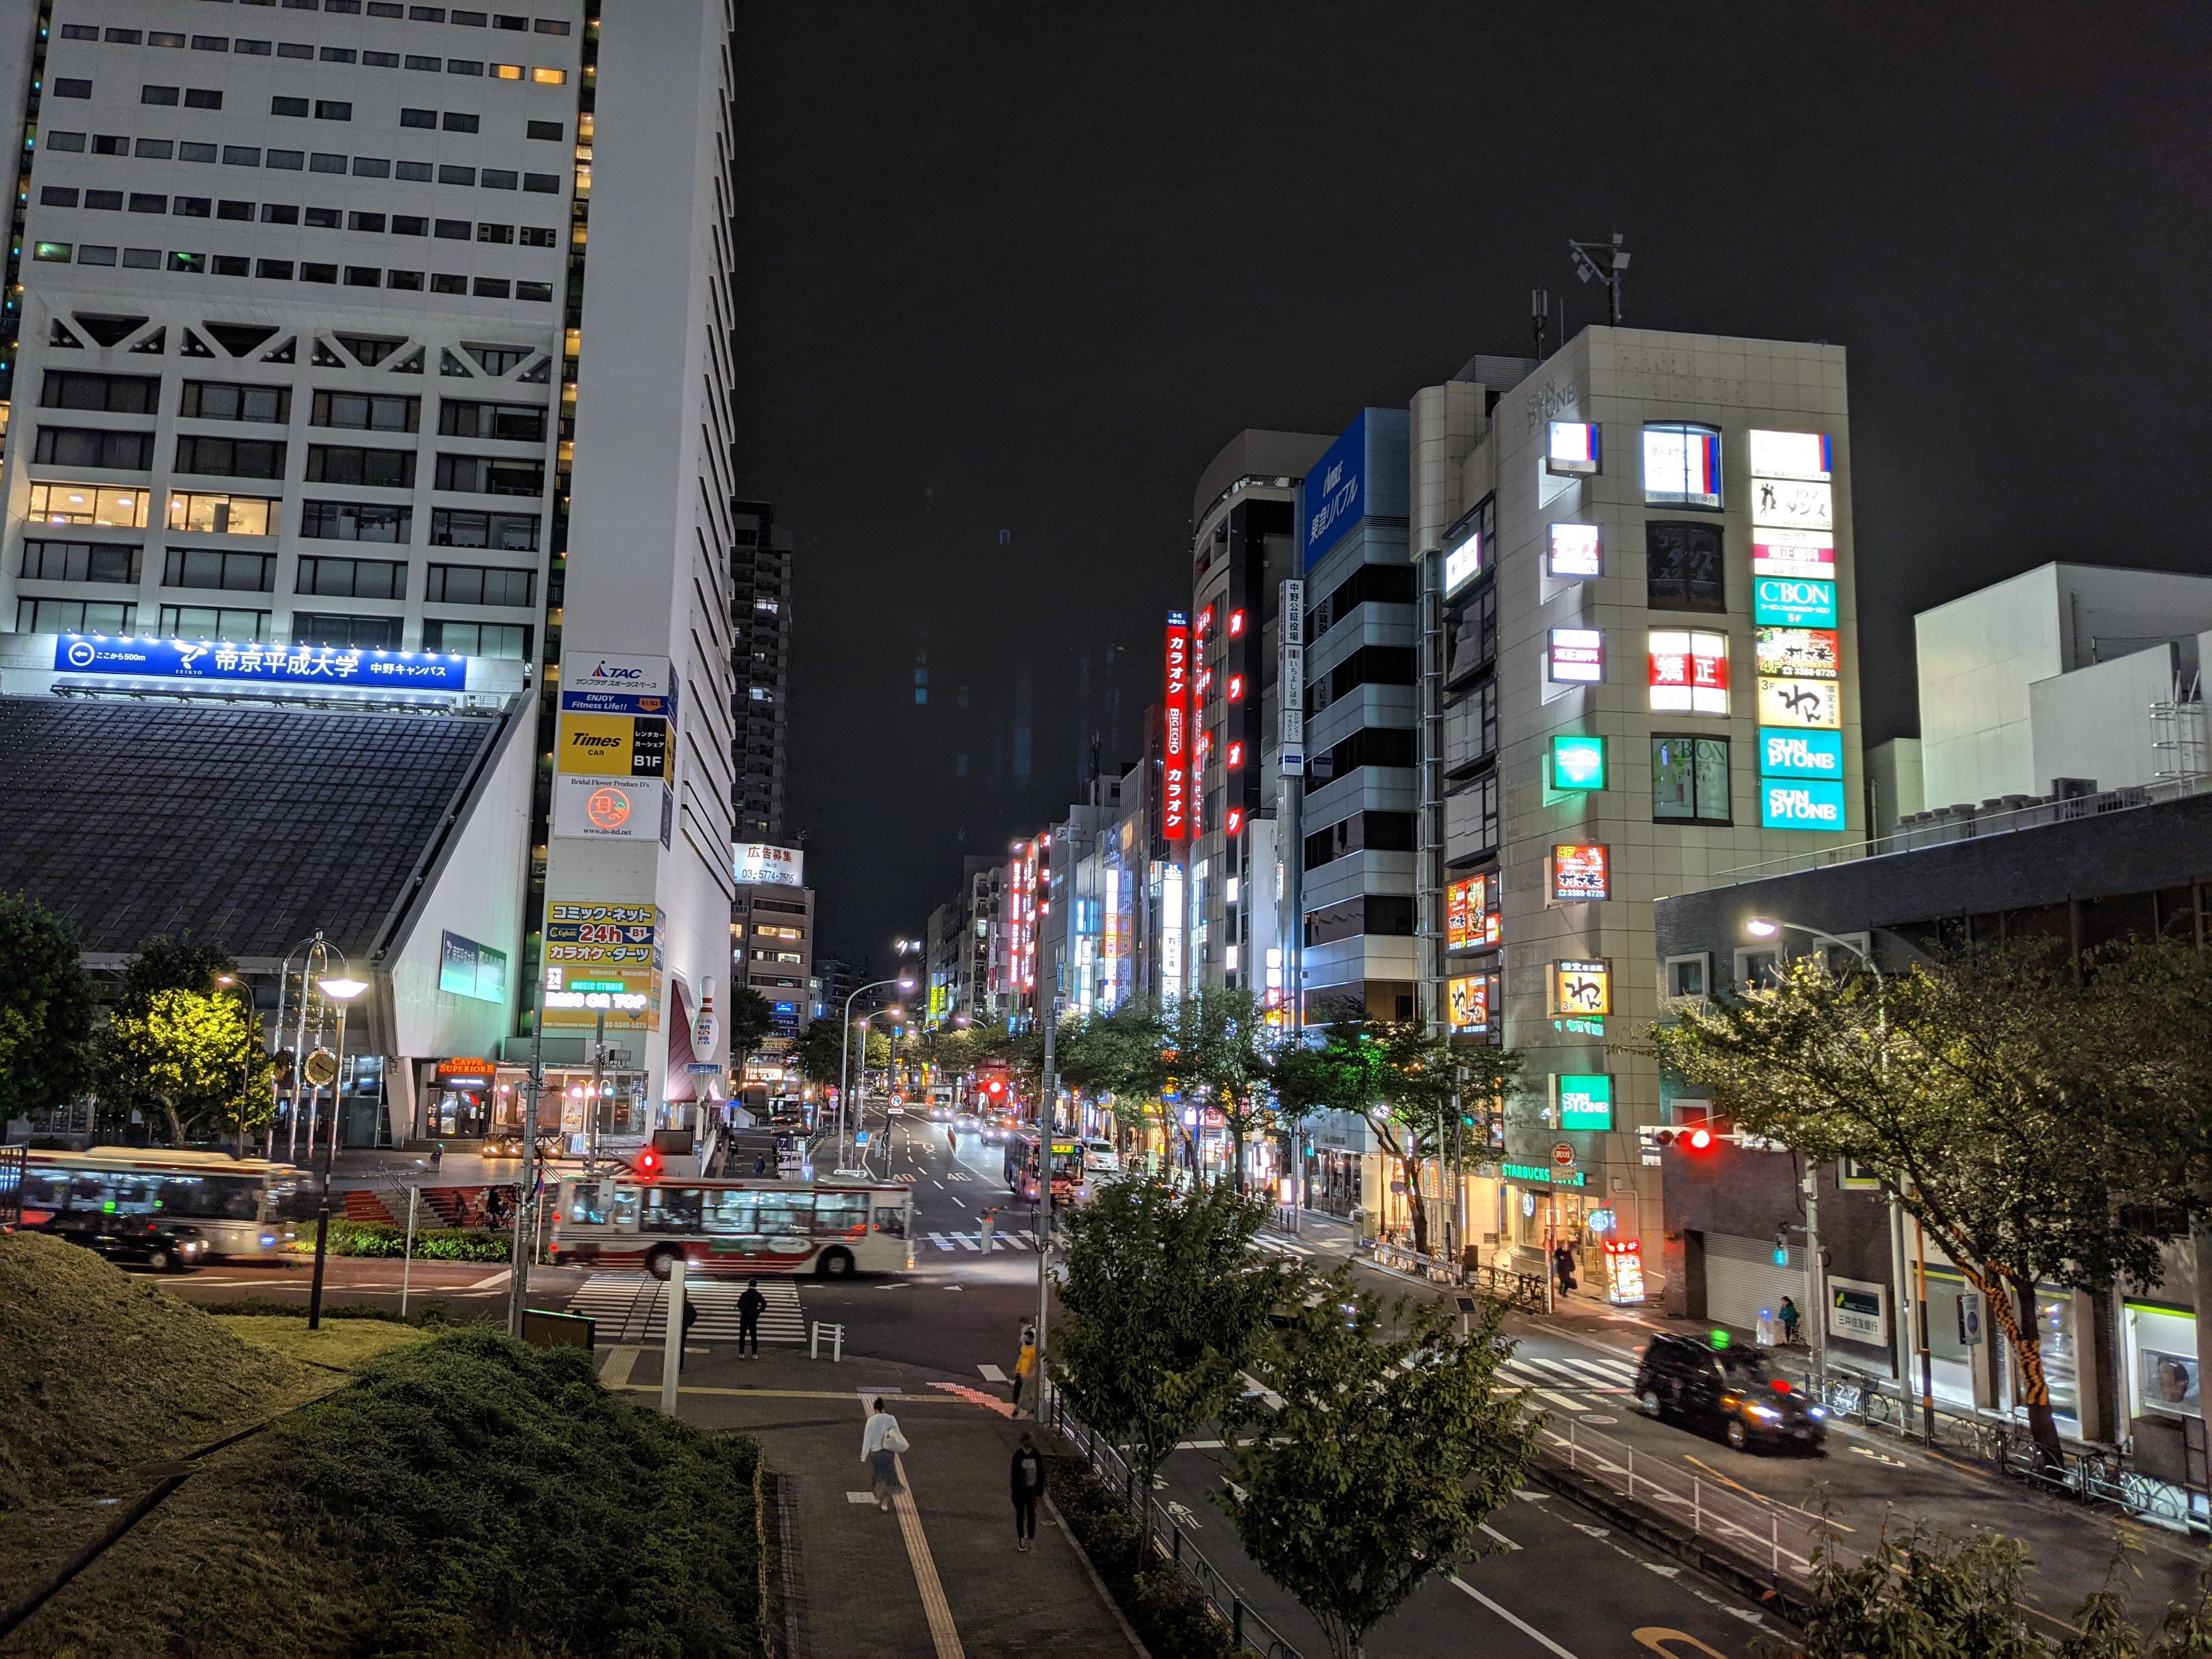 広角レンズ(1倍)、夜景モード